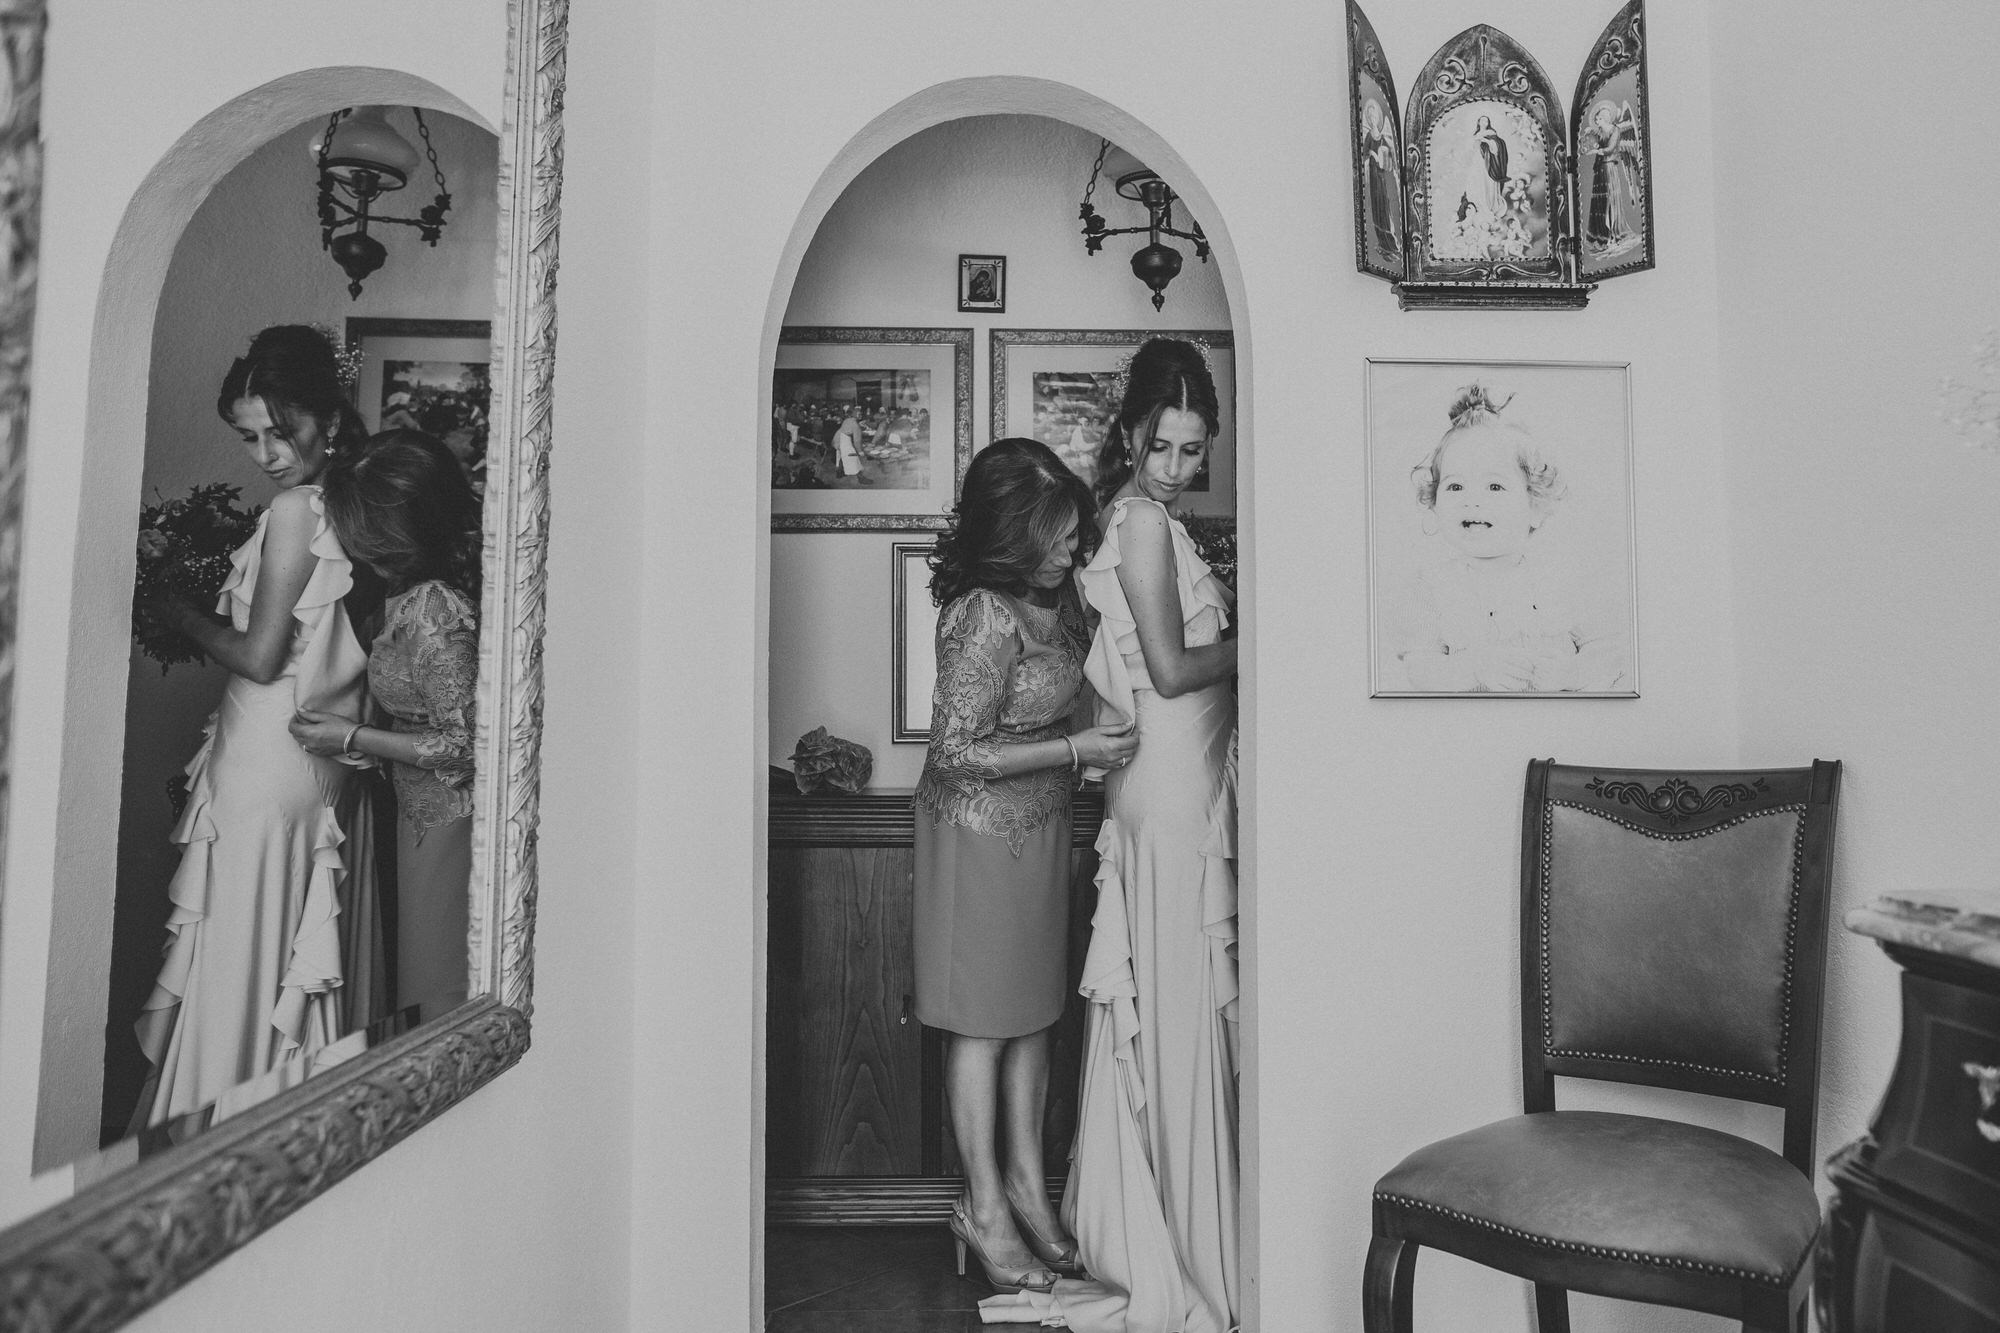 Filipe Santiago Fotografia-fotografo-malveira-lisboa-cascais-mafra-melhores-reportagem-wedding-photography-portugal-lisbon-best-natural-casamentos-lifestyle-bride-ideias-rustic-boho-hair-mackup-damas-preparativos-preparations-bridemaids-dress-shoes-bouquet-mother-bw